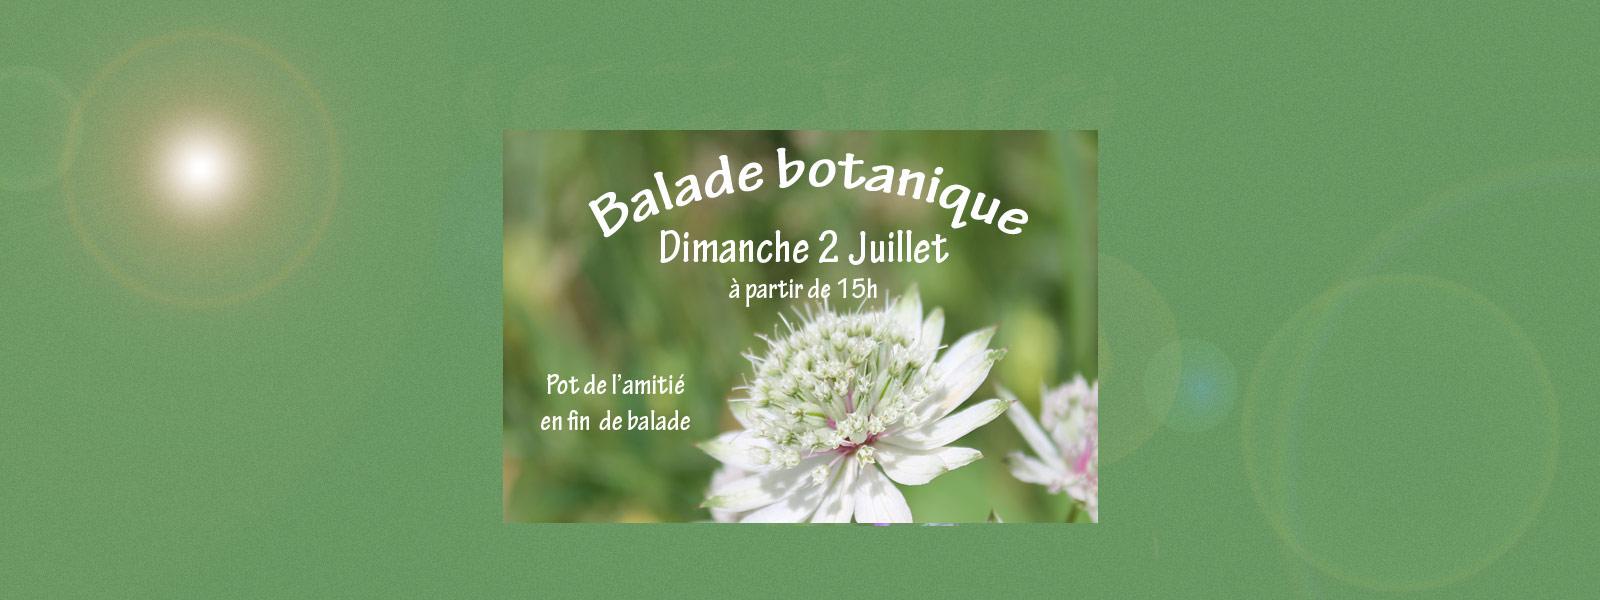 Sortie botanique organisée par Azhure le dimanche 2 juillet